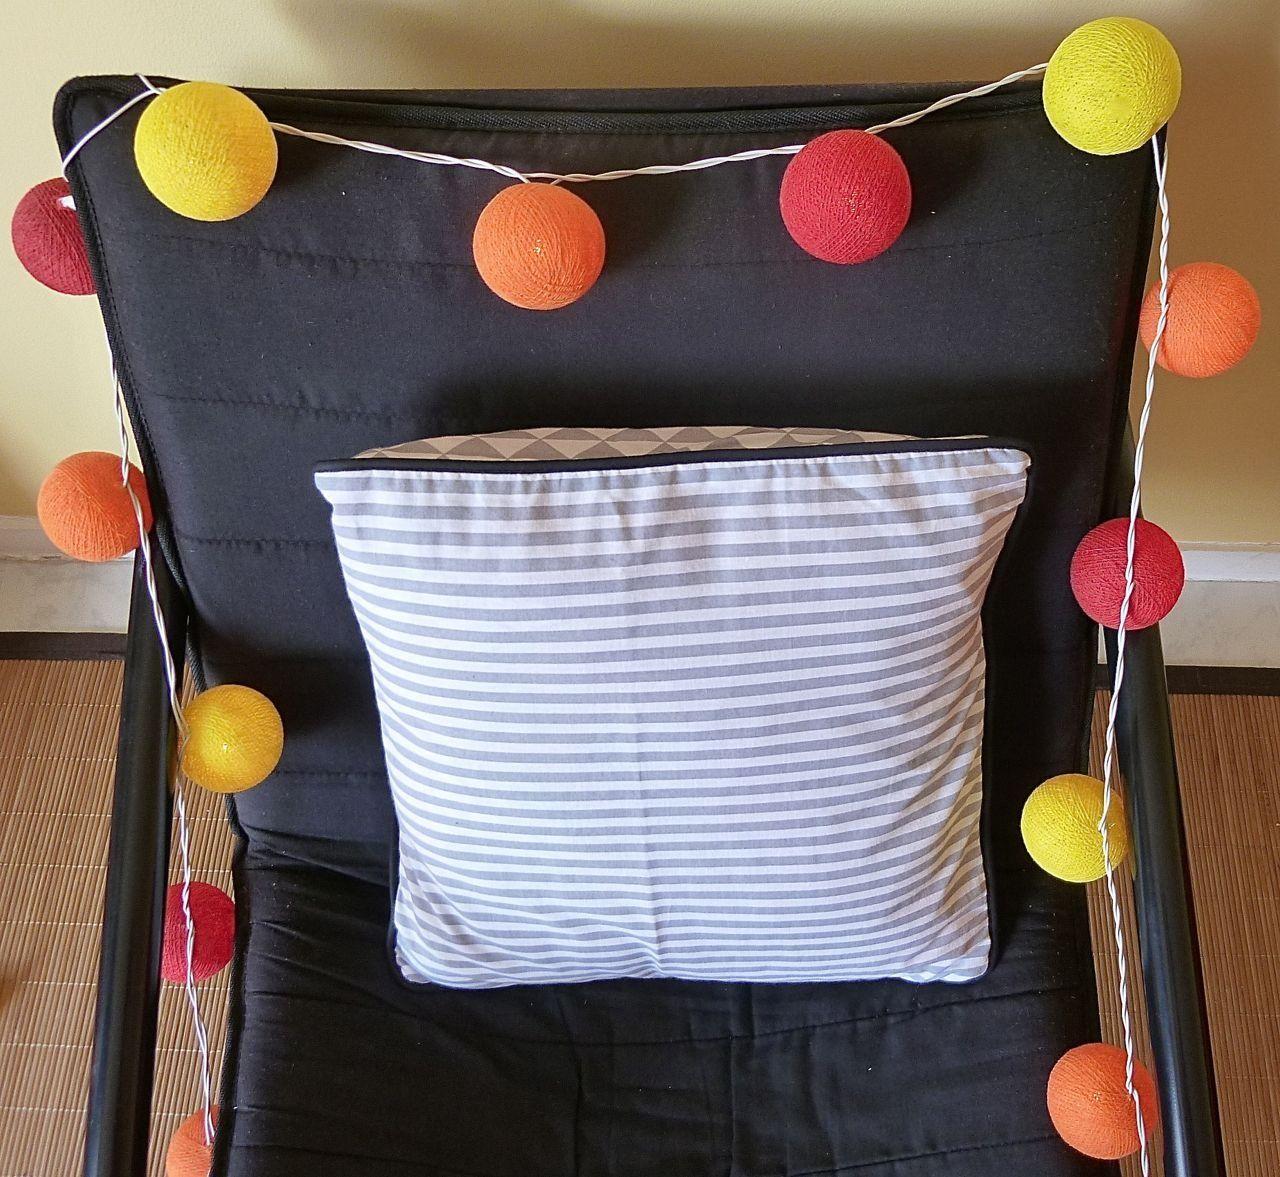 Housse de coussin graphique, 40x40, en tissu Coton Blanc et gris à rayures et verso en tissus graphiques coordonnés, bordure noire : Textiles et tapis par une-embellie